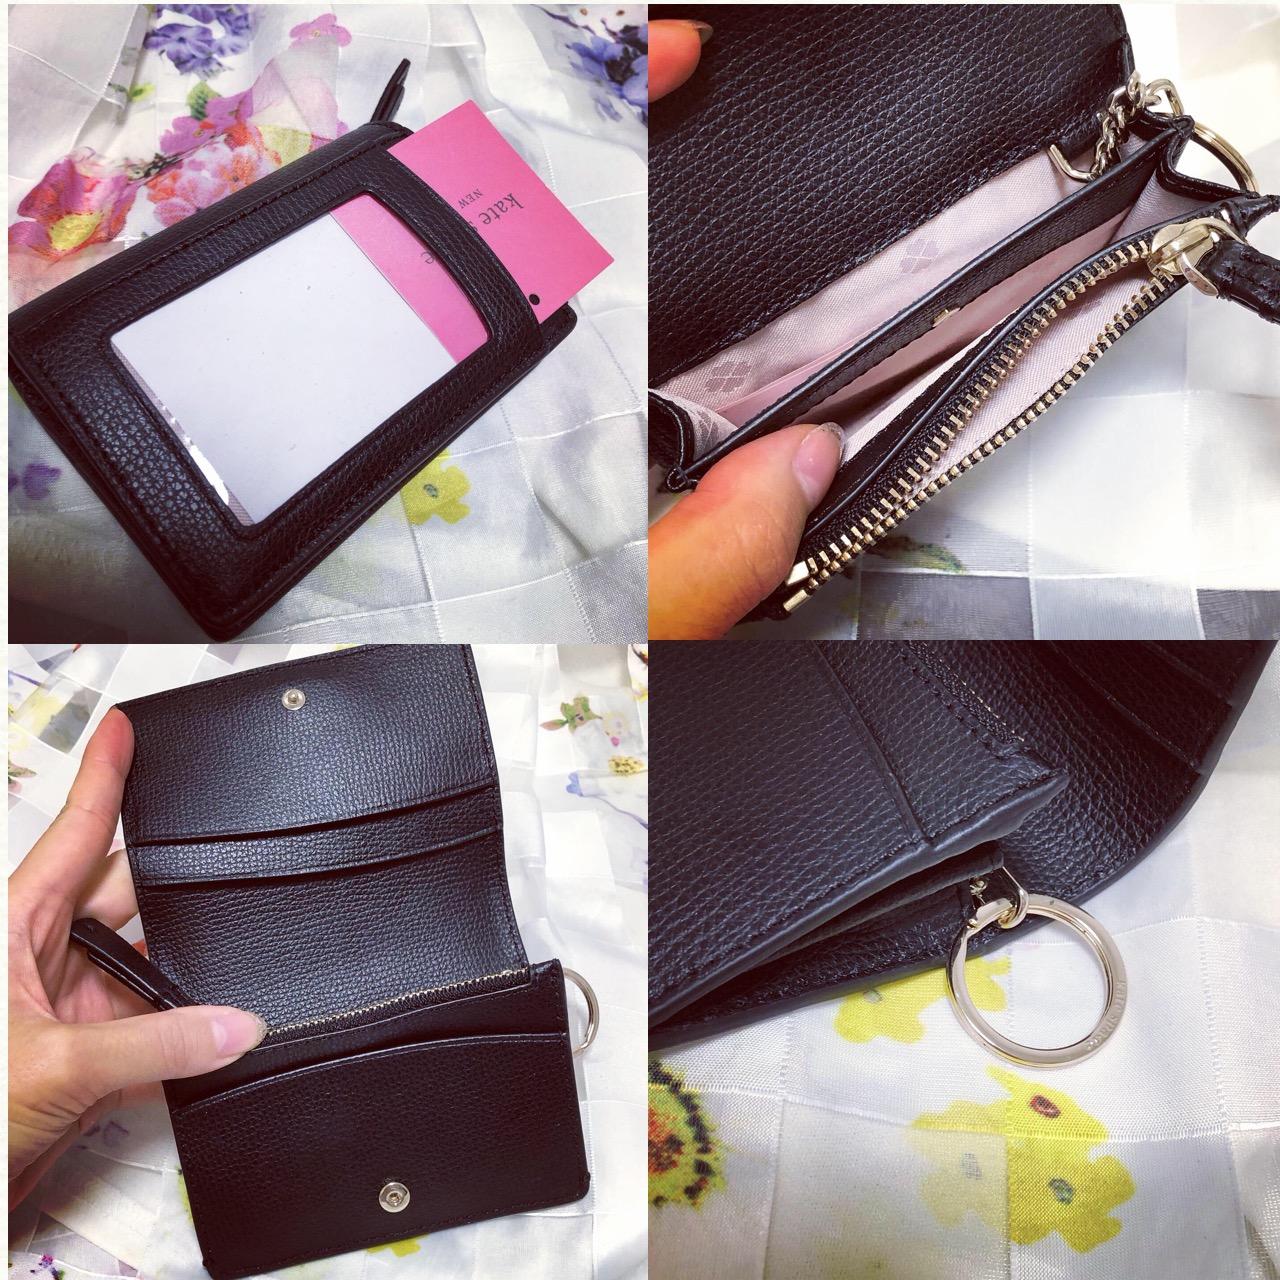 <ミニ財布>パスケースにも使える!最強のコンパクト財布ならケイトスペードが超オススメ!♡_2